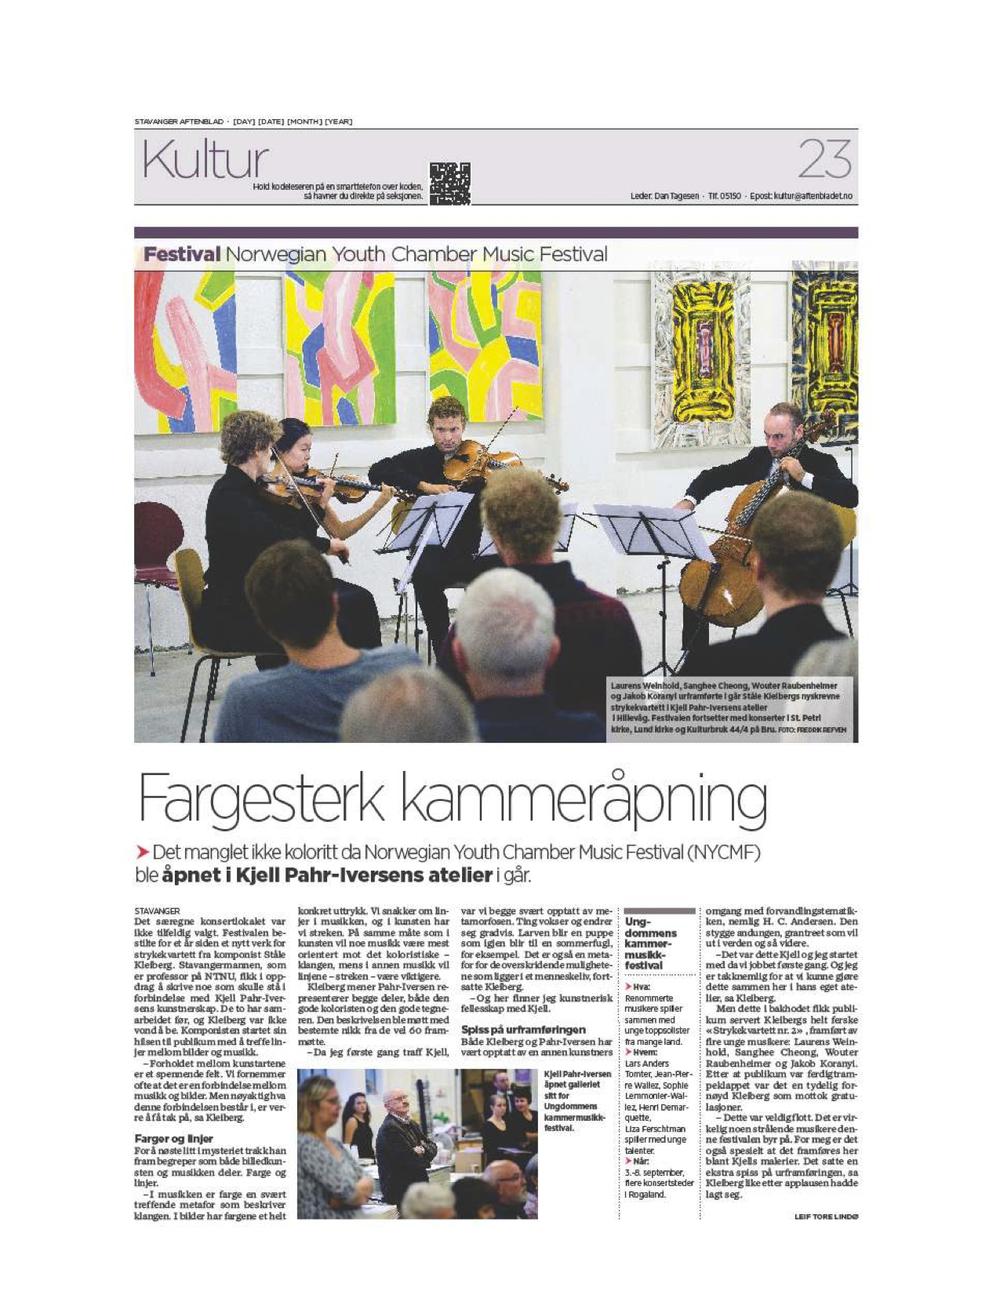 Aftenblad, September 4th 2012